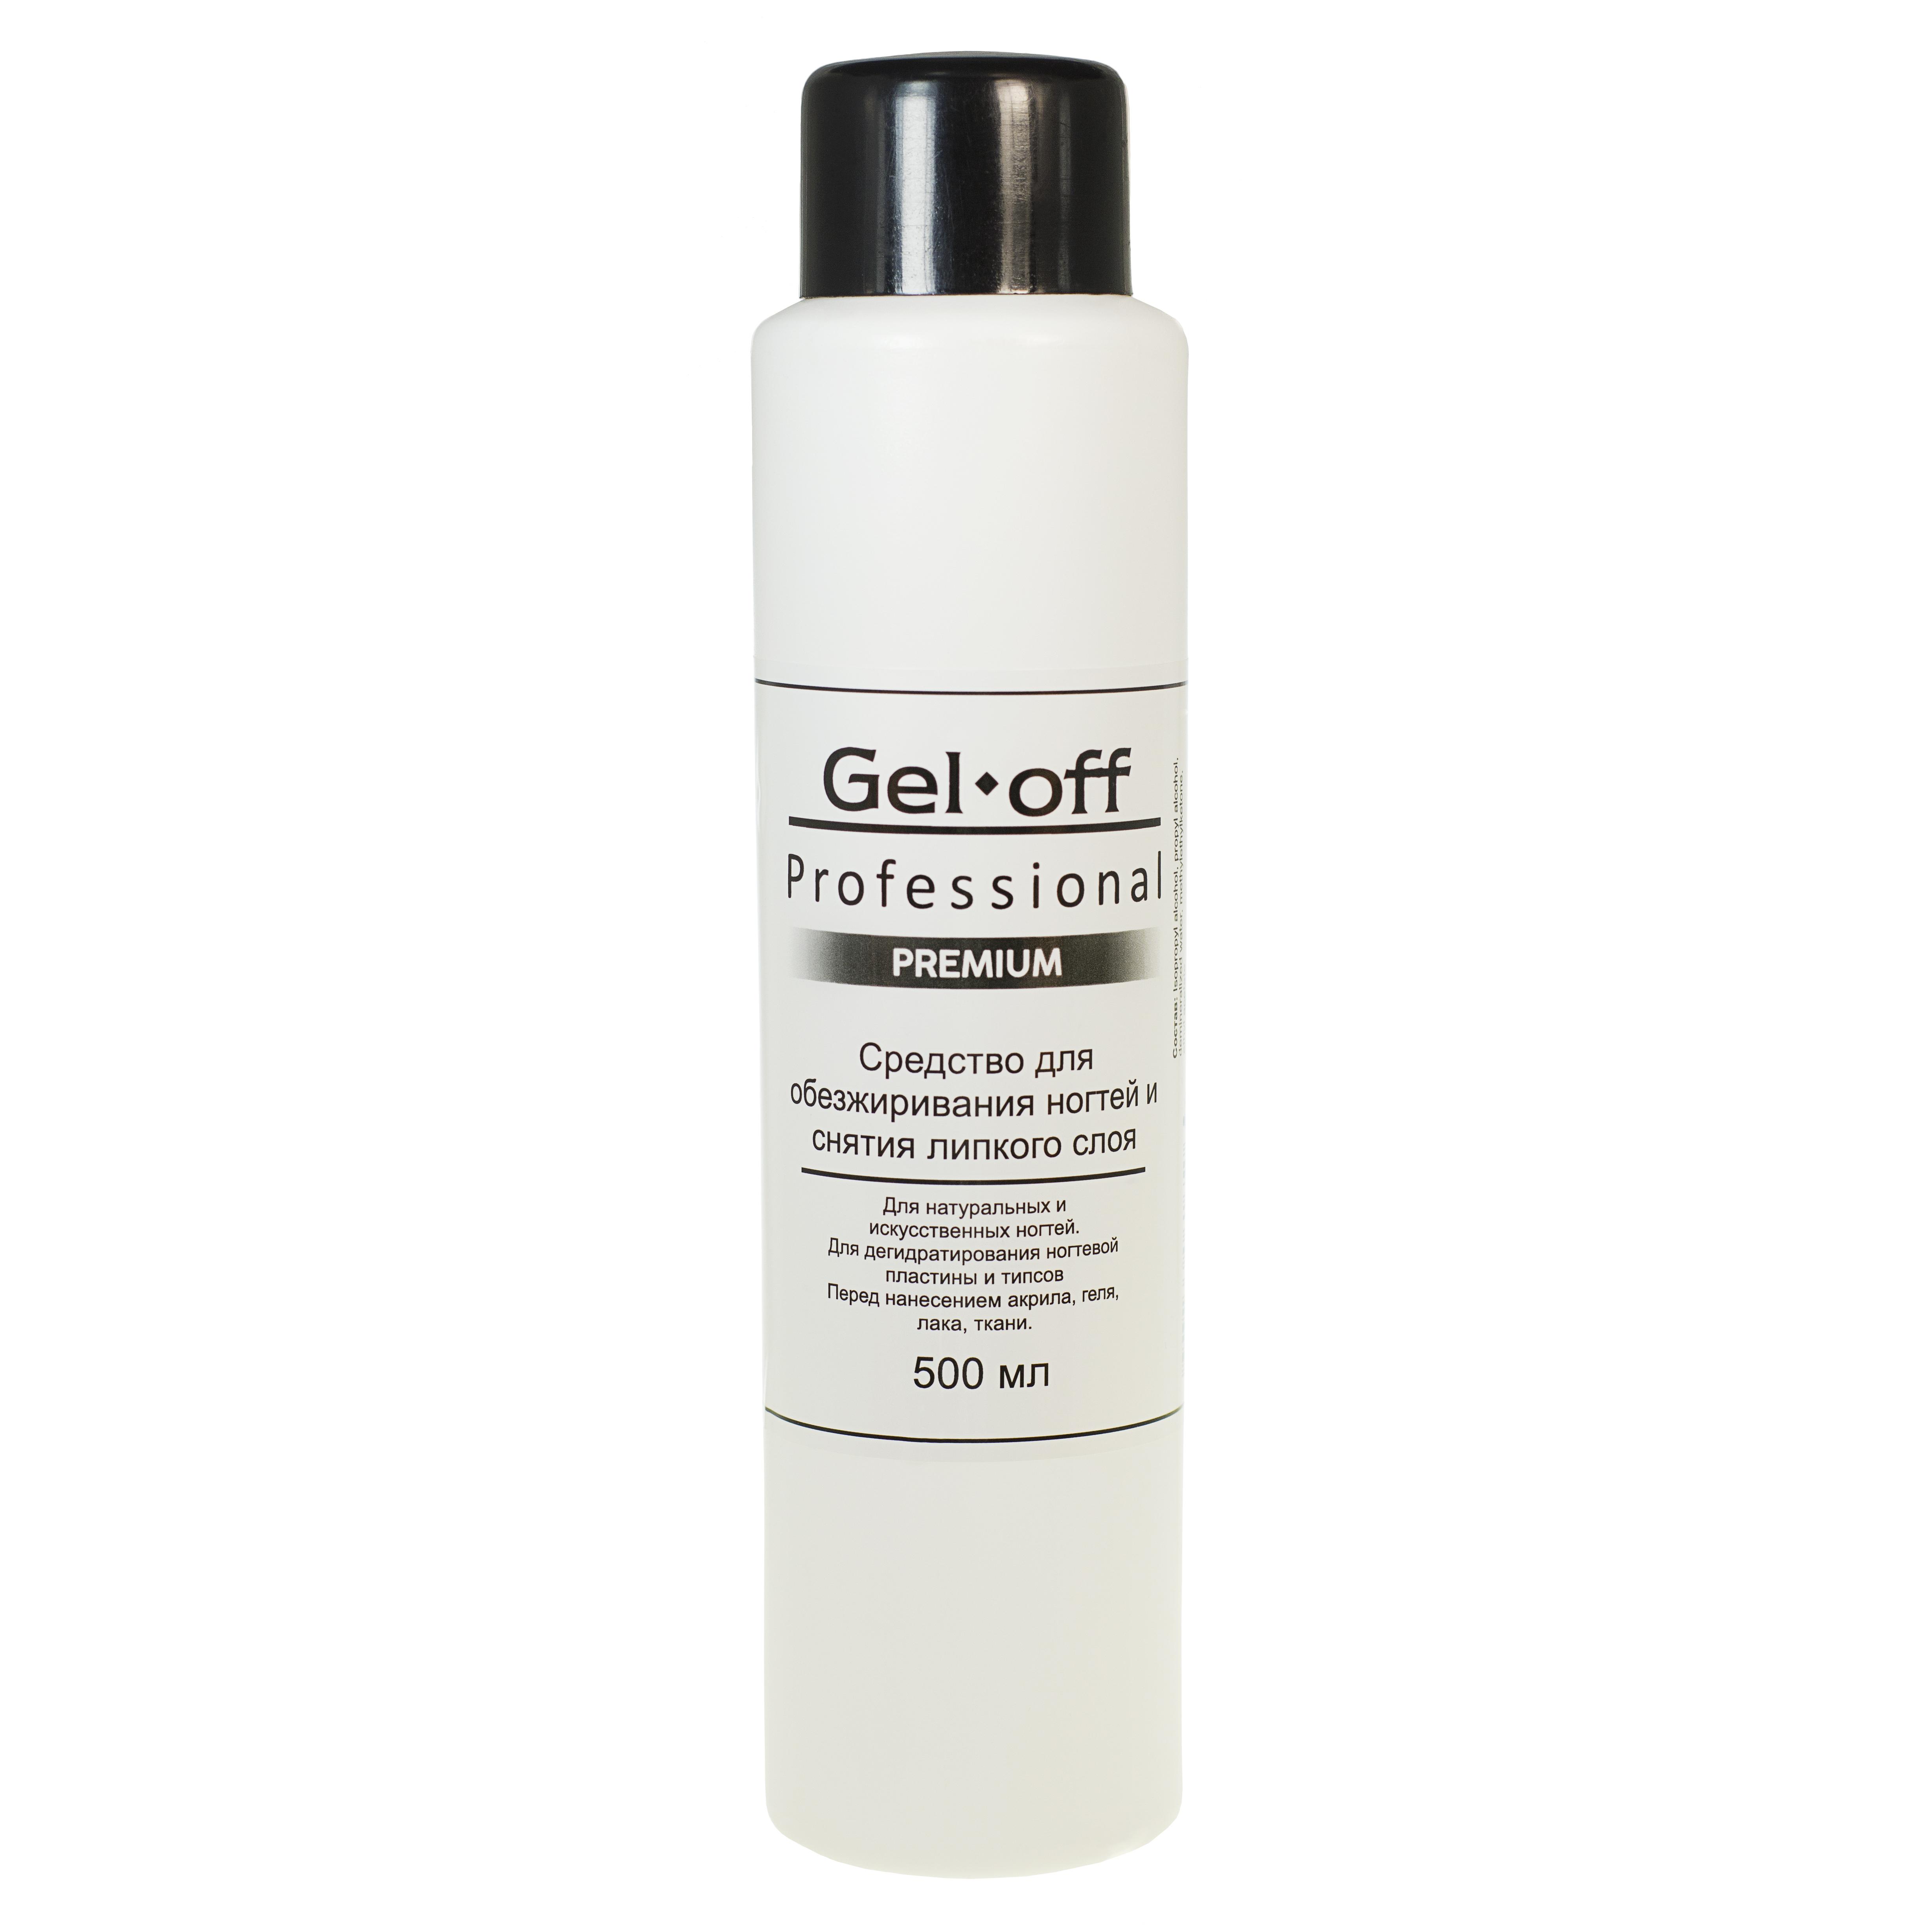 GEL-OFF Средство для обезжиривания ногтей и снятия липкого слоя / Gel Off Professional Premium 500 мл - Особые средства